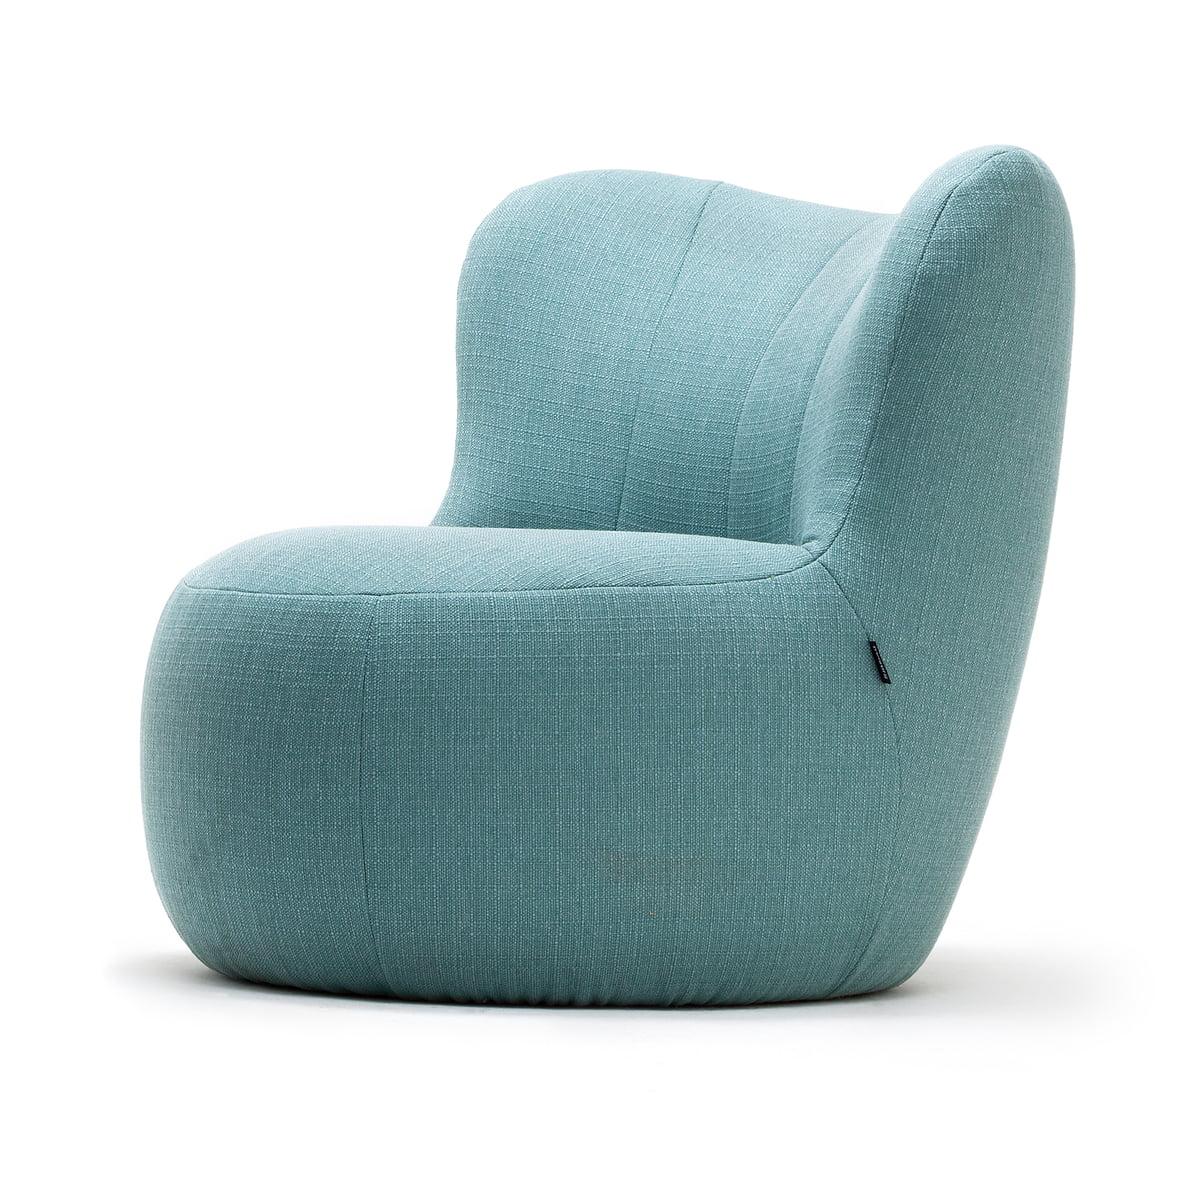 freistil - 173 Sessel, pastelltürkis (1031)